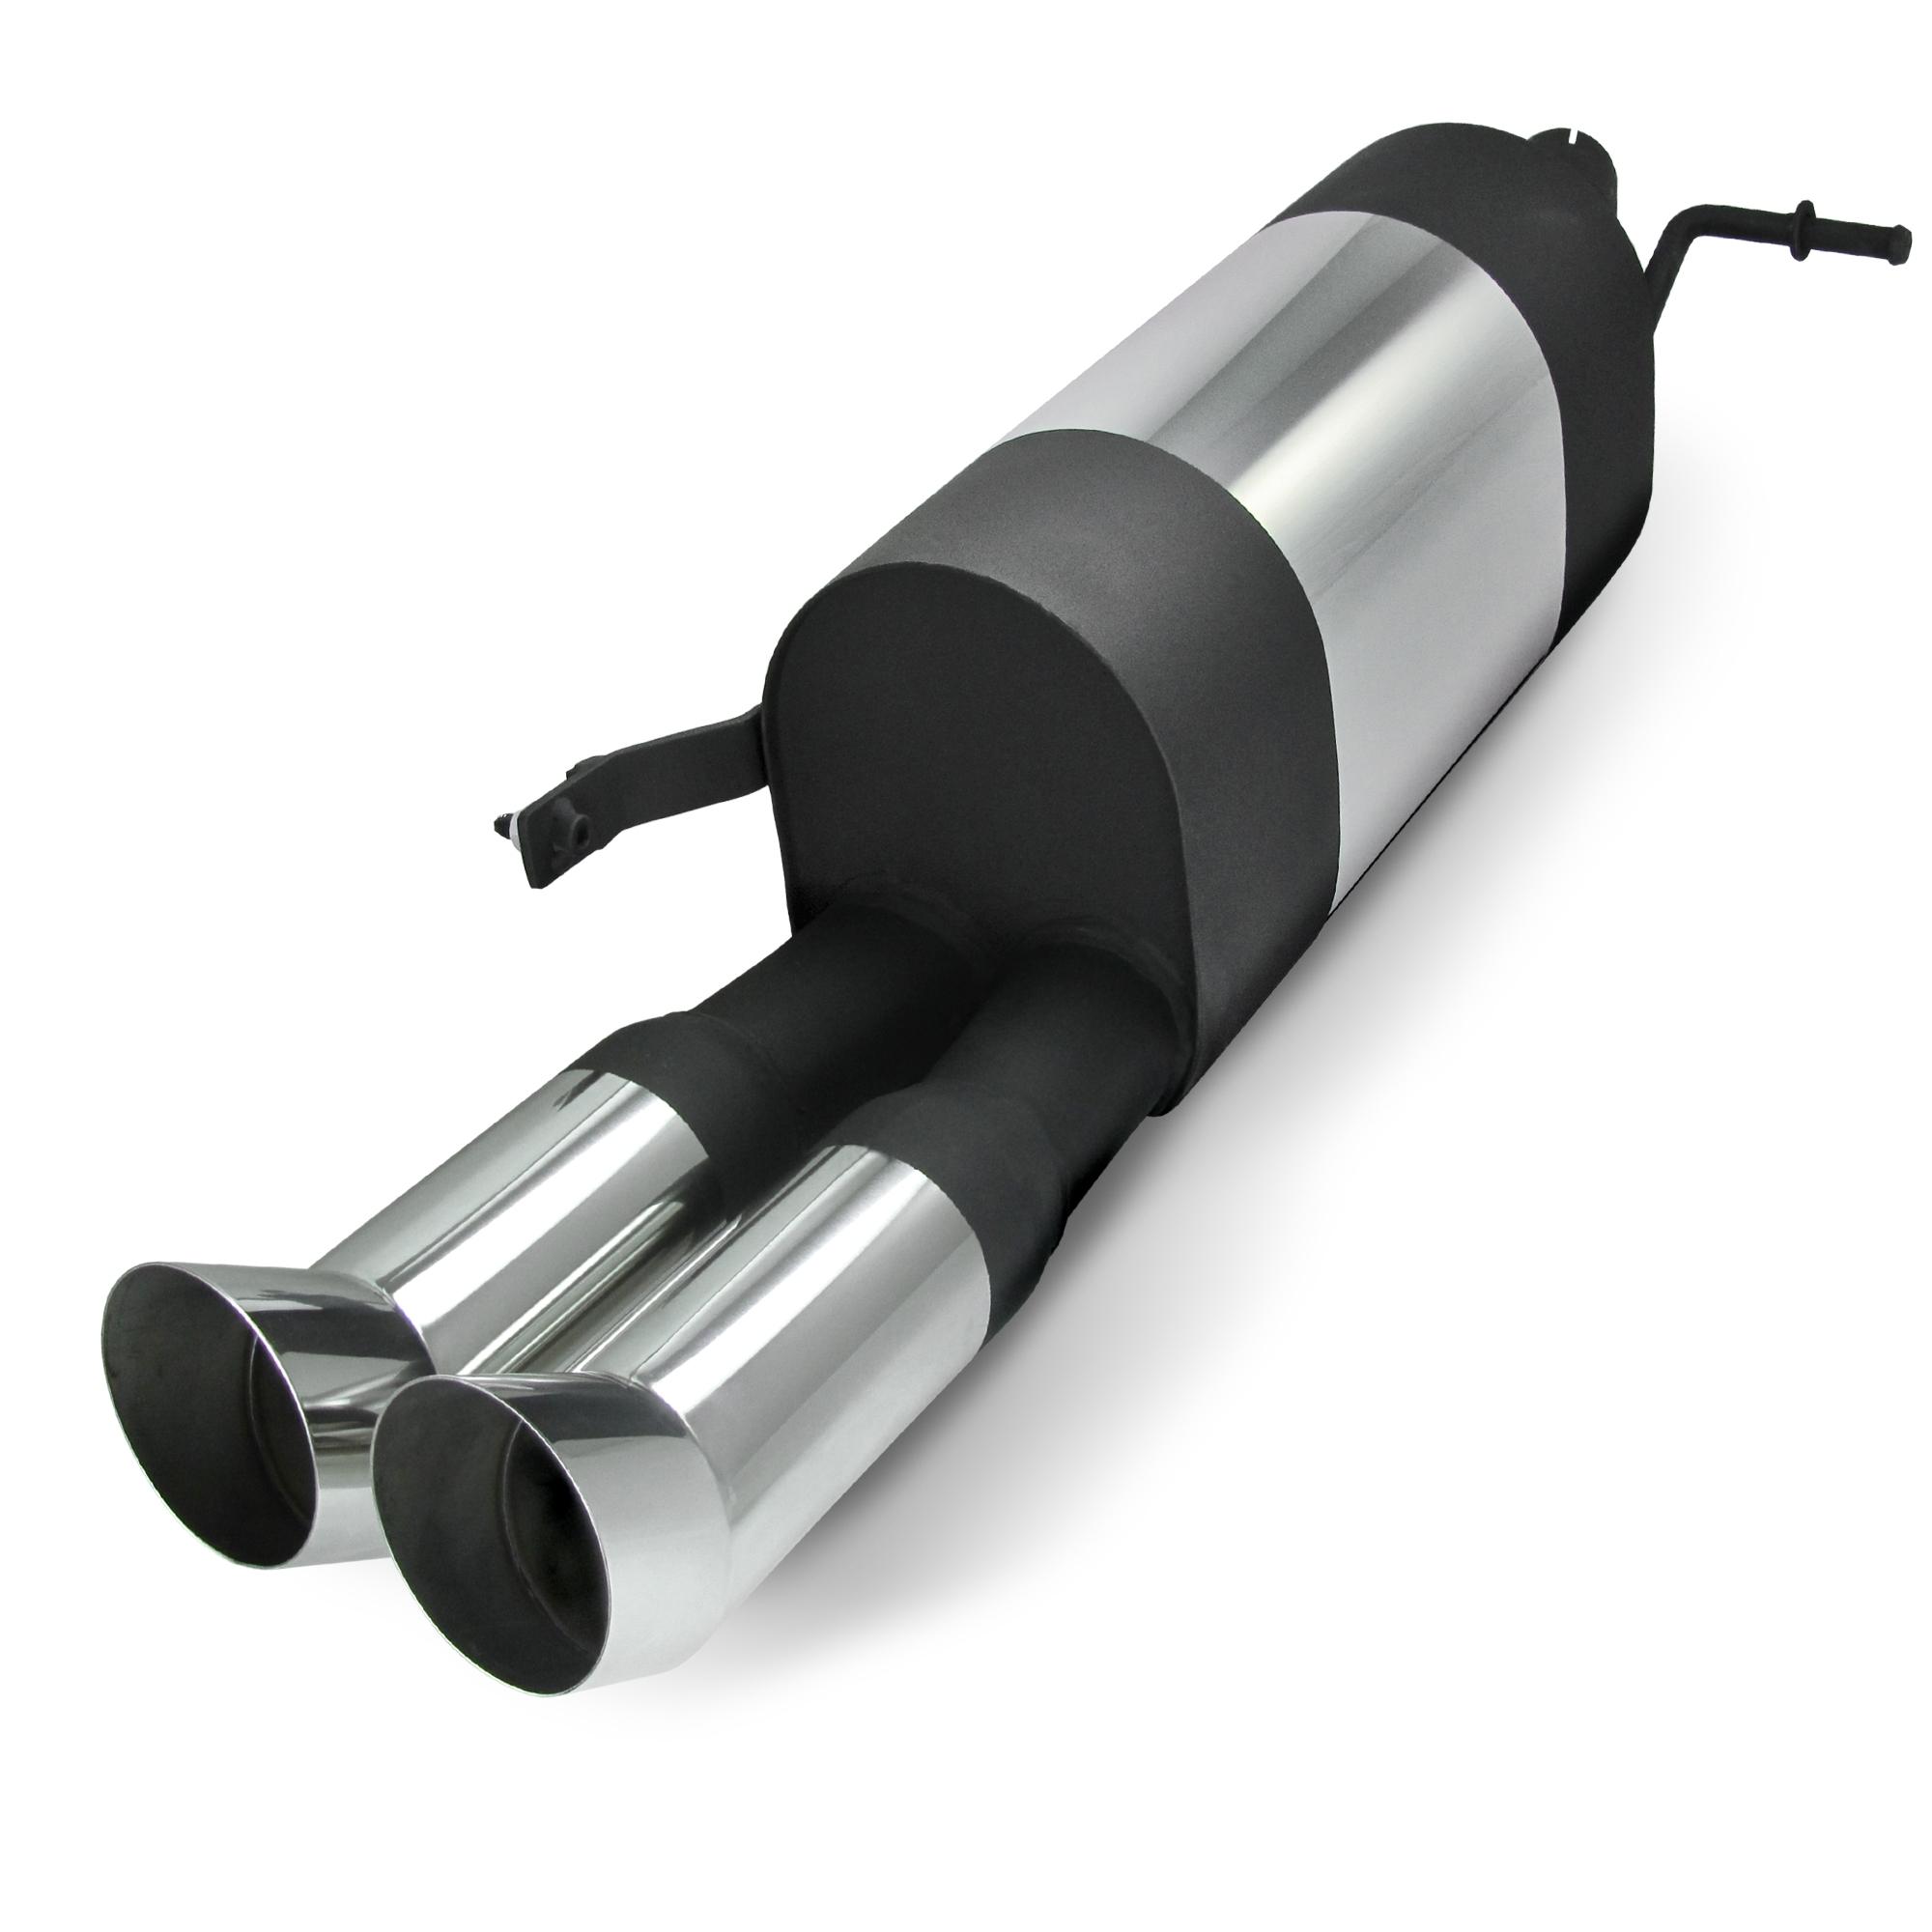 JOM Bagpotte rustfri stål med 2x76 mm afgange - DTM look. Til VW Polo 9N and 9N3 Udvendig tilbehør > Udstødning